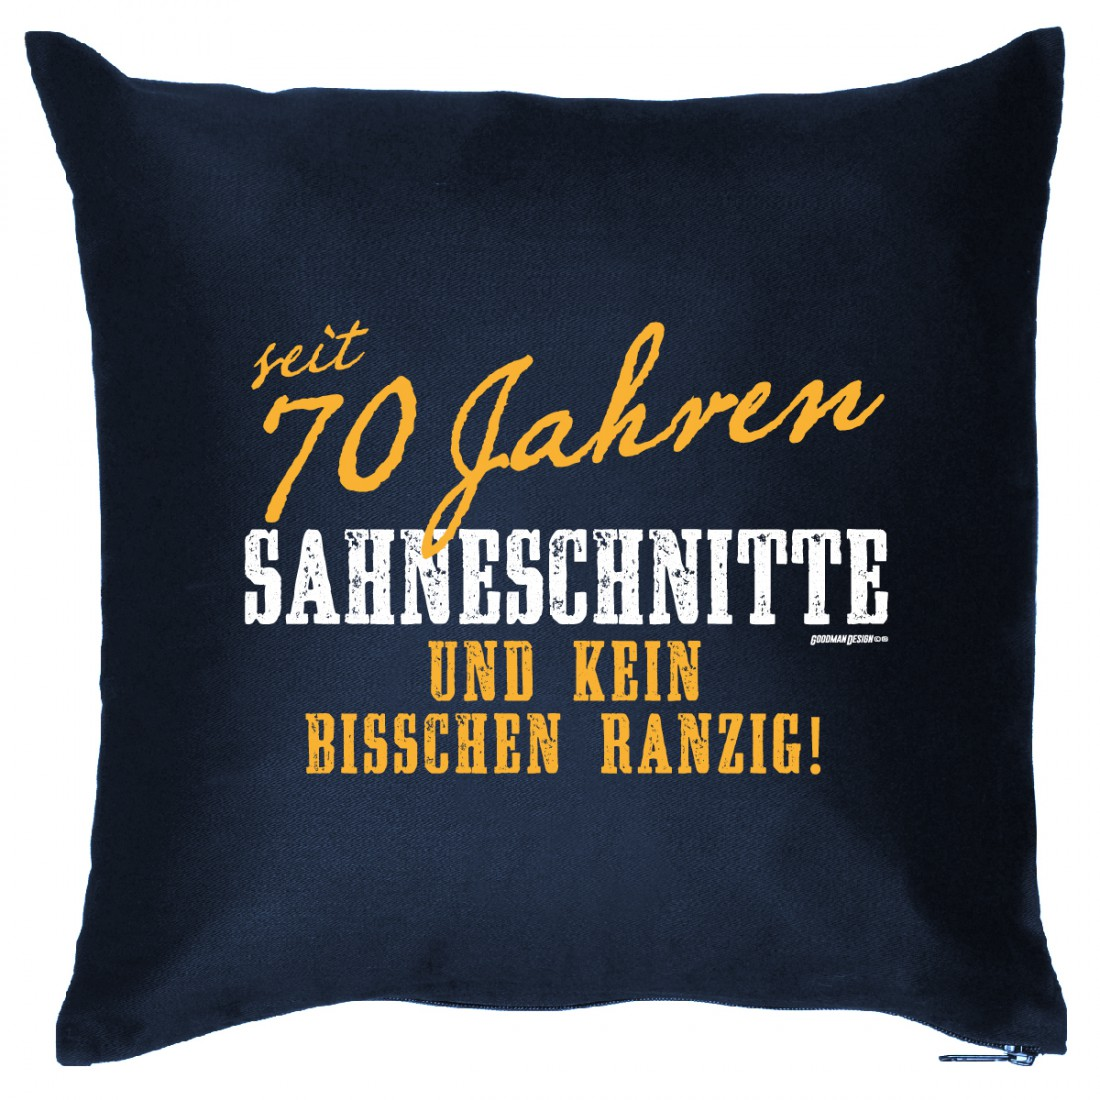 Kissen Sofakissen Geschenk 70 Geburtstag Sahneschnitte 70 Humor